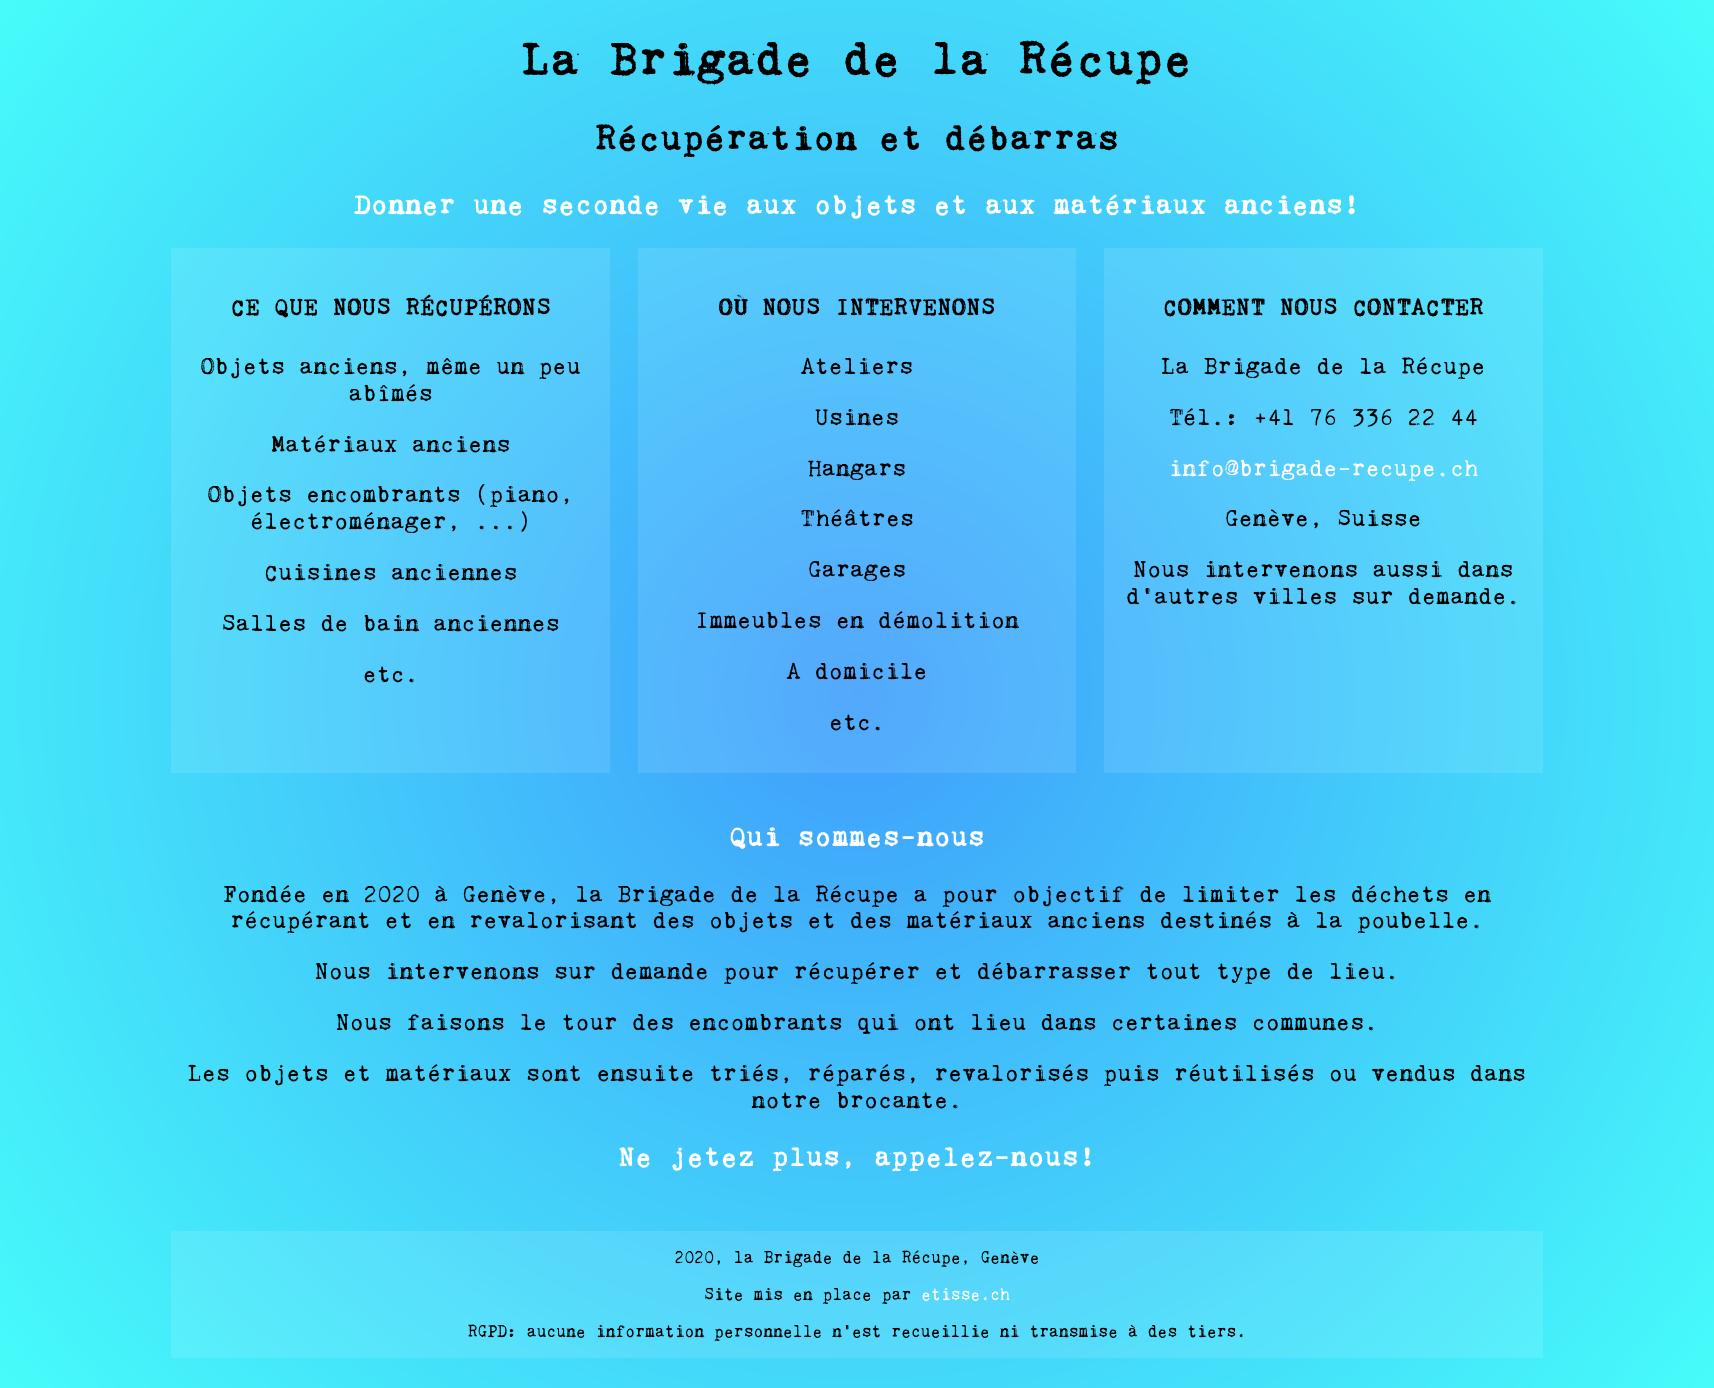 La Brigade de la Récupe - site Internet HTML/CSS, etisse.ch, Webmaster, Genève